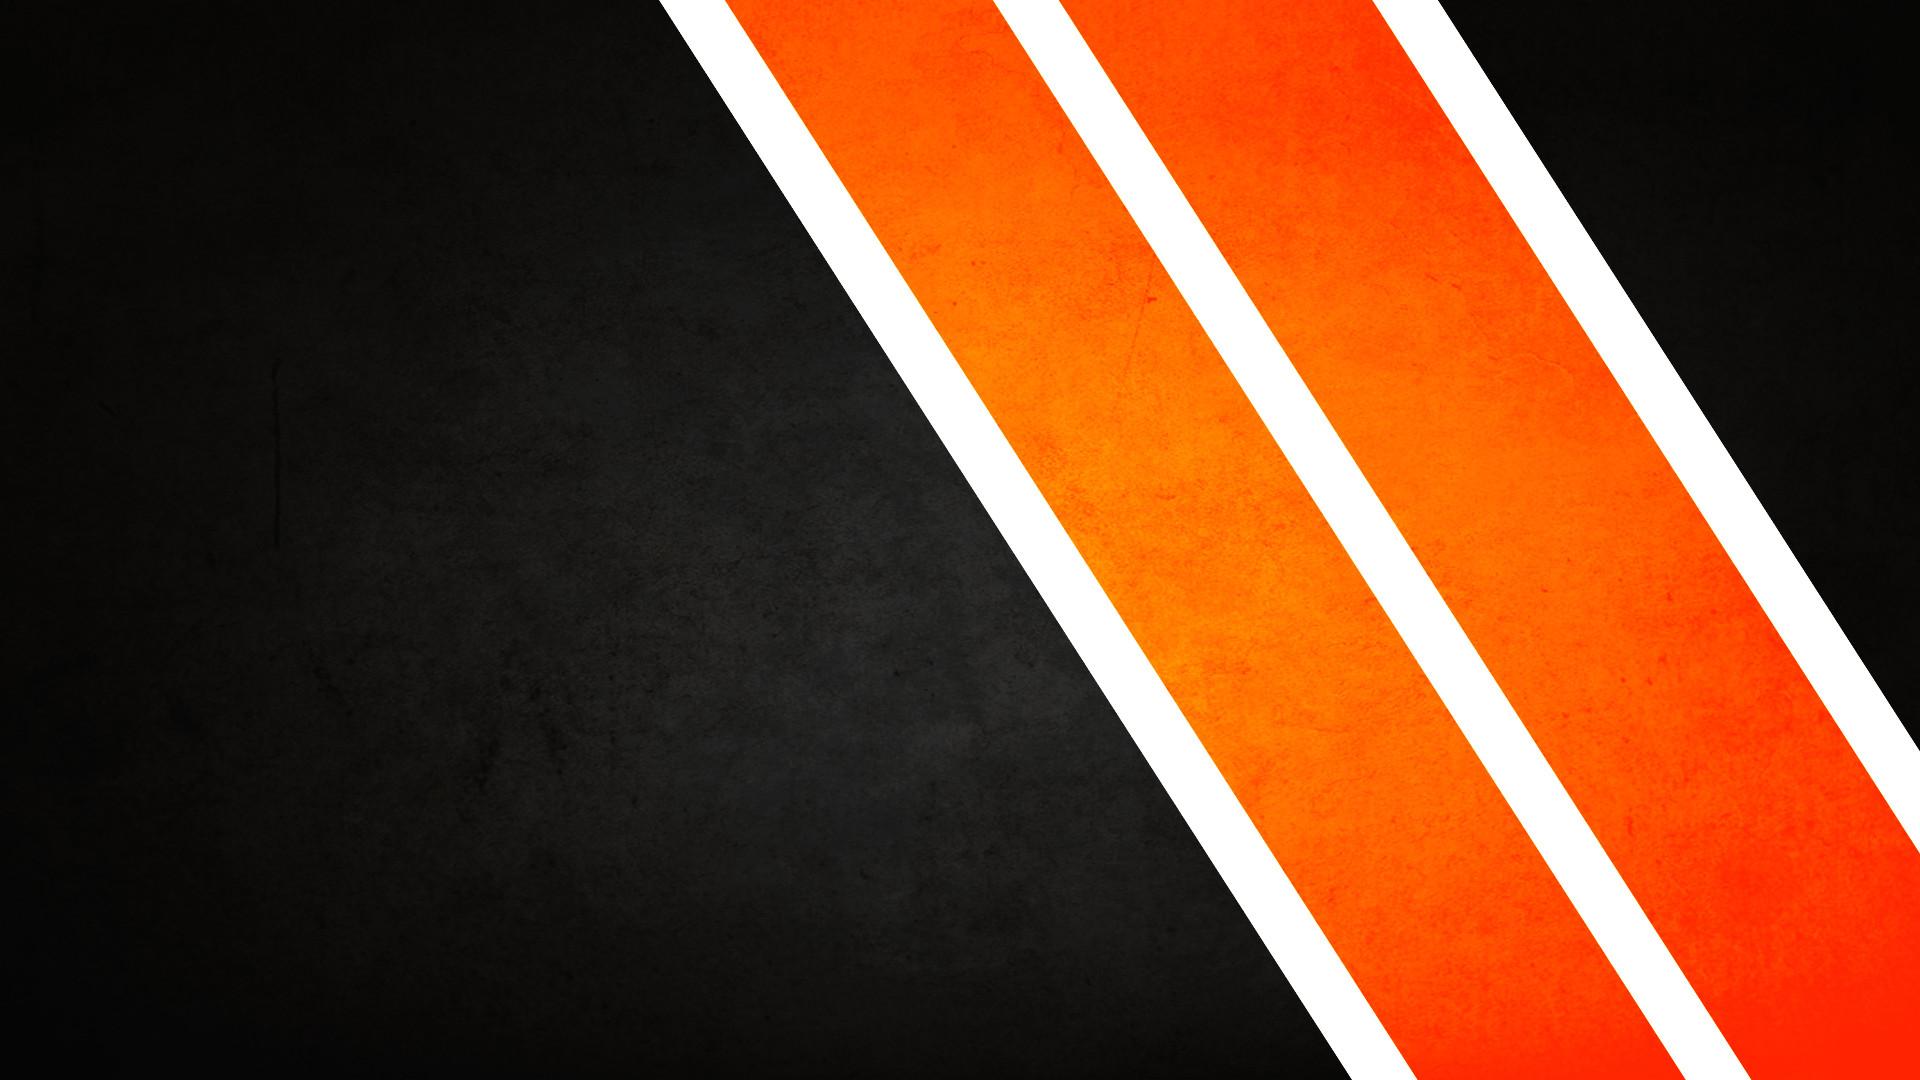 minimalistic pattern striped texture / Wallpaper   Wallpapers    Pinterest   Stripes texture and Wallpaper